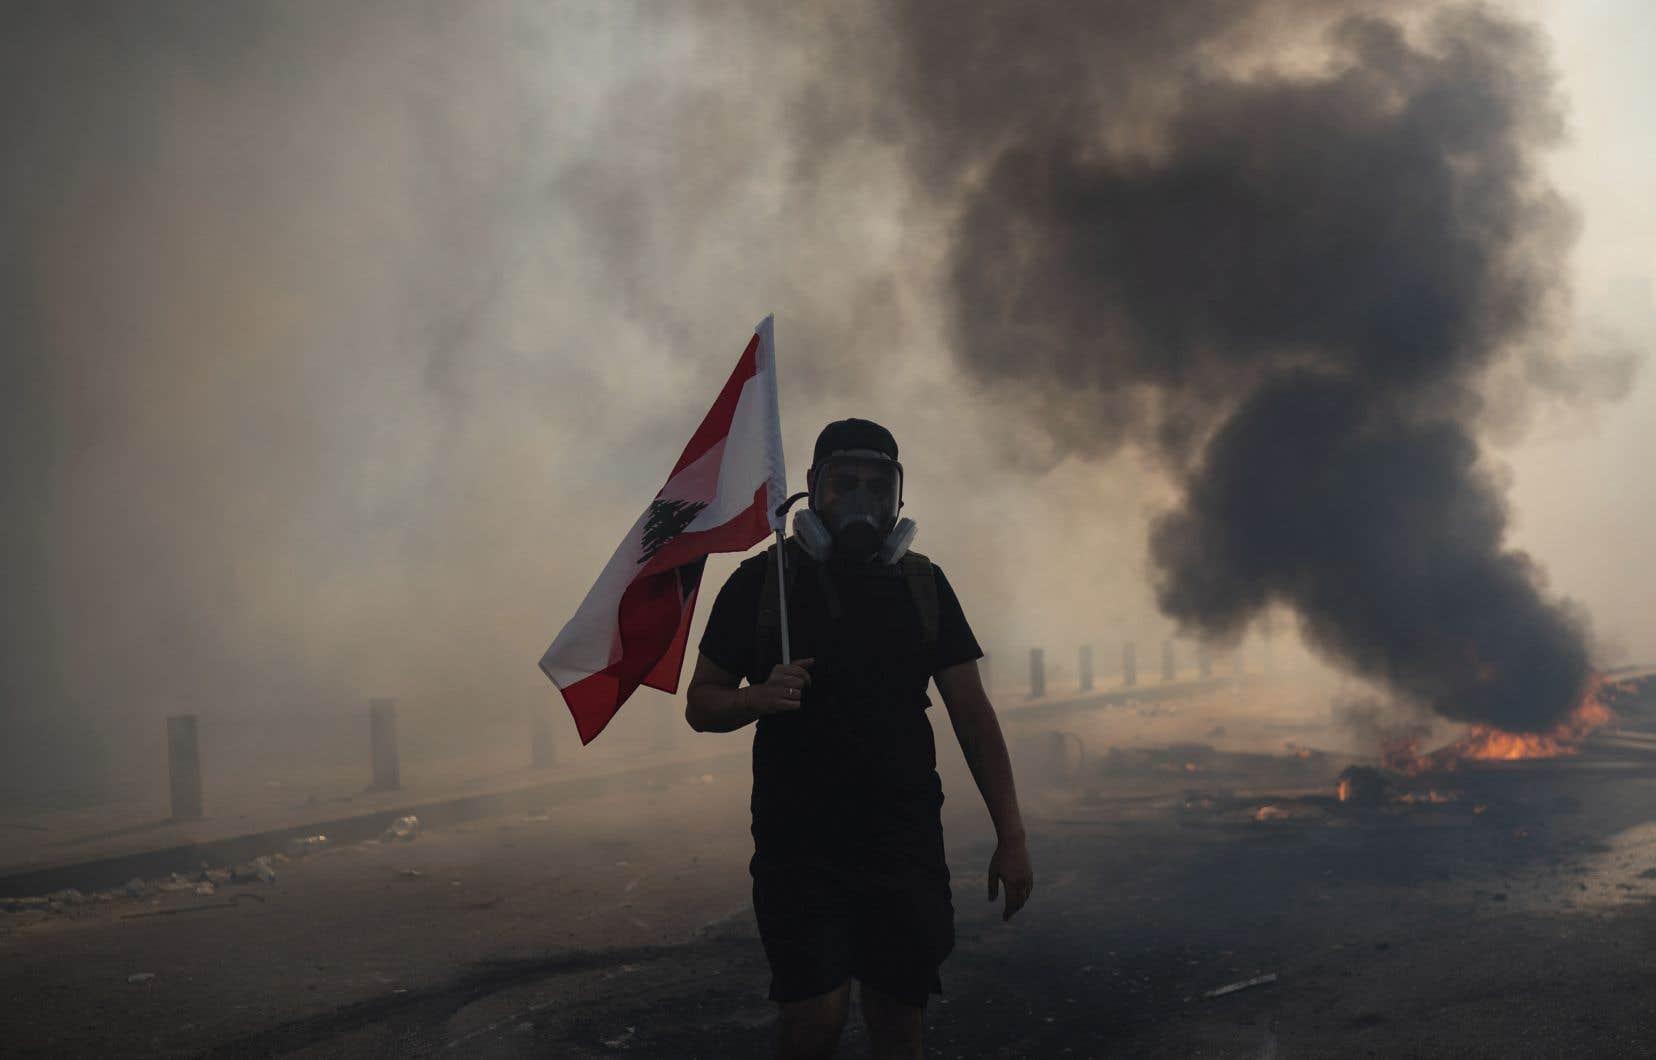 Le drame a alimenté la colère des Libanais contre un pouvoir qu'ils jugent inepte et corrompu.